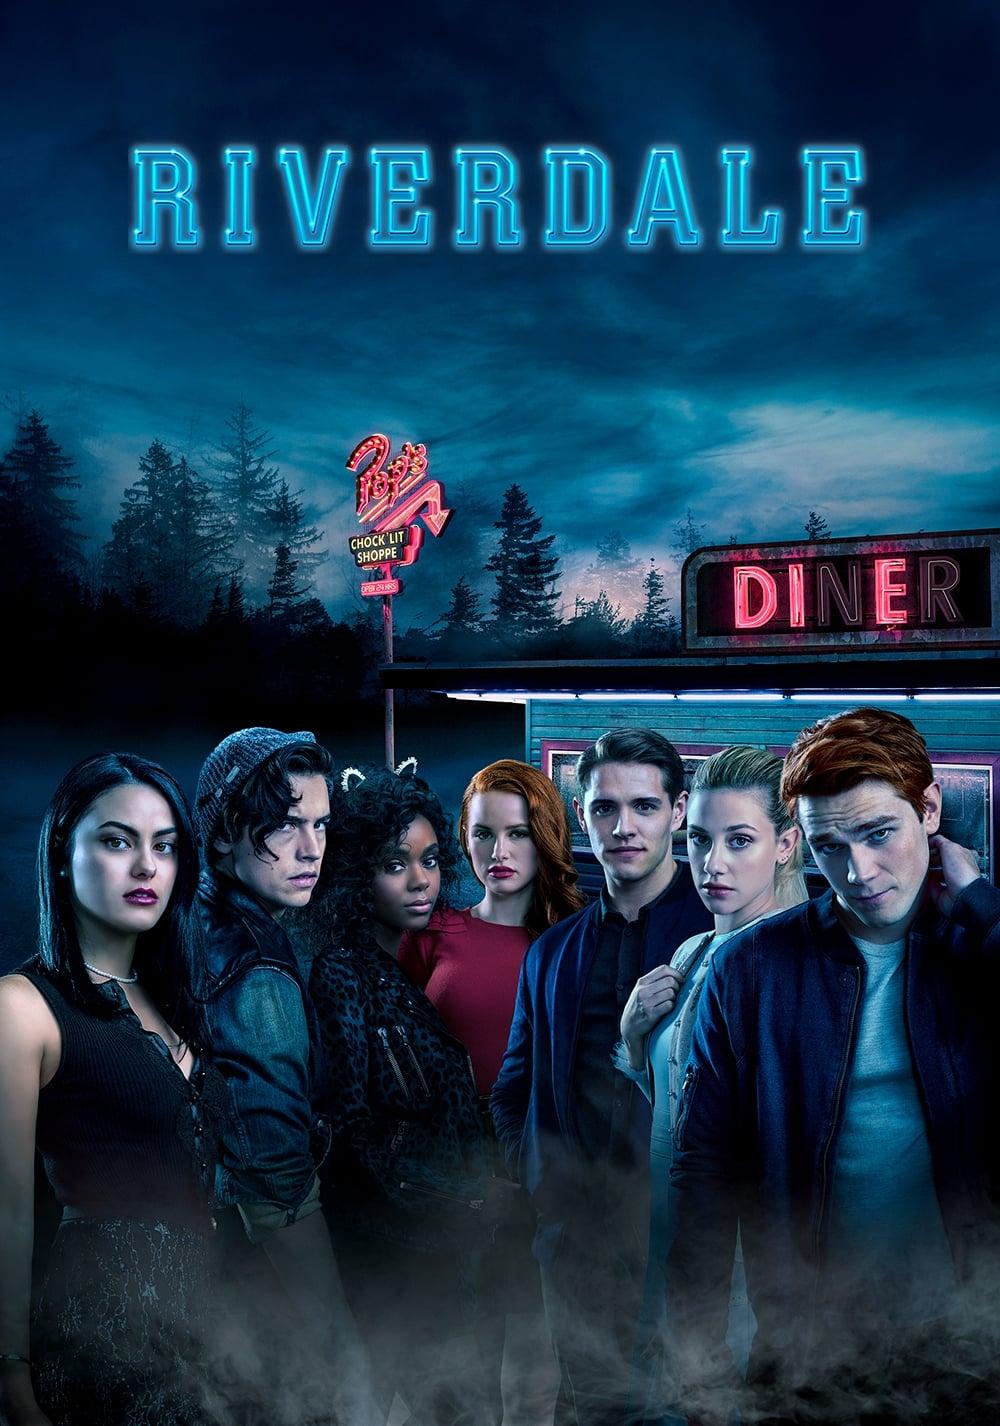 Riverdale Season 3 Episode 5